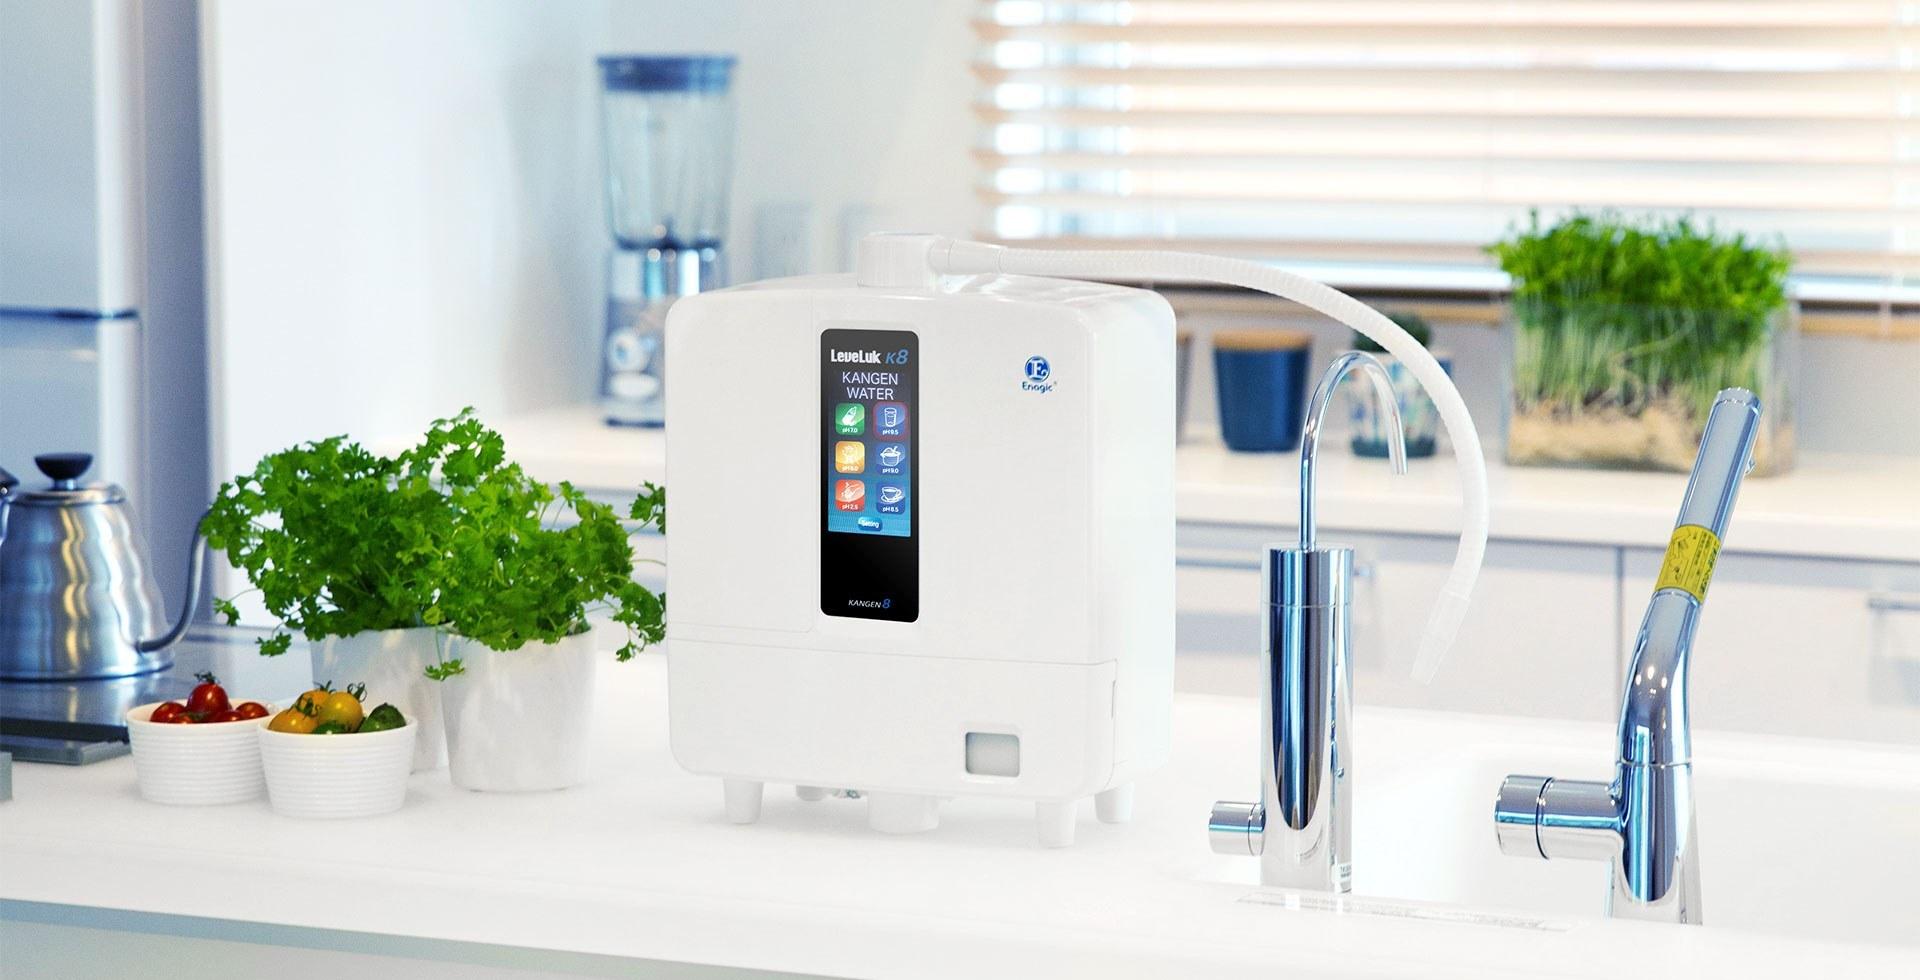 Có nên dùng máy lọc nước, Có nên dùng máy lọc nước điện giải Kangen K8 không?, Nhà phân phối máy lọc nước ion kiềm số 1 Việt Nam   Vitamia